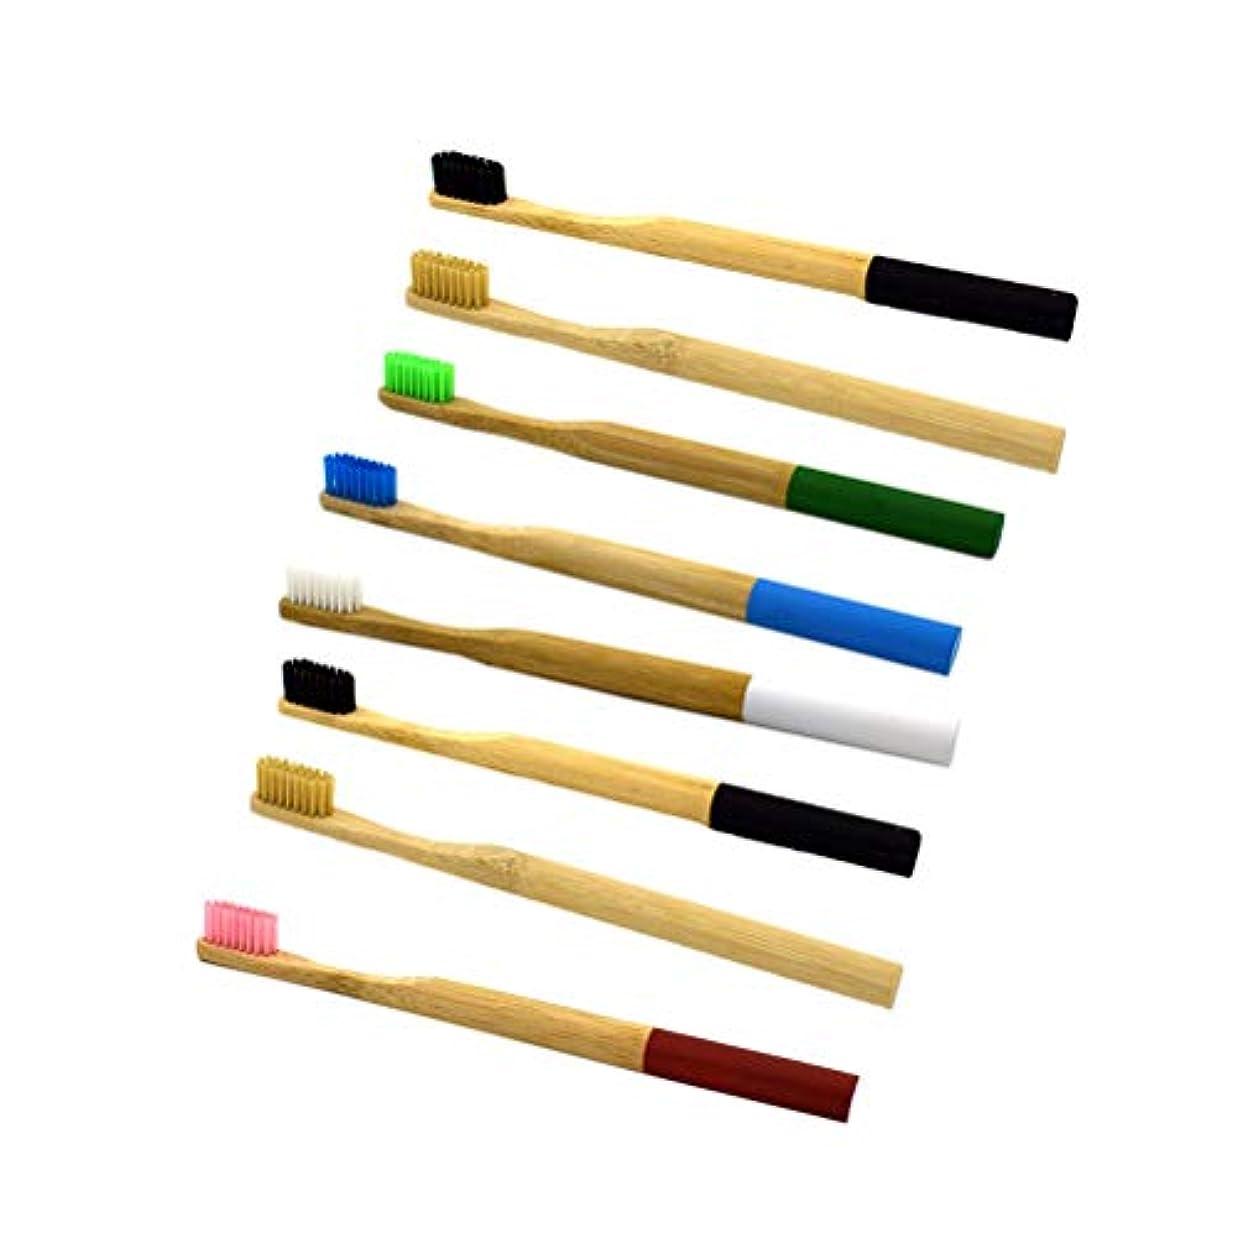 費用過言法令Healifty 8本 竹炭の歯ブラシ 竹の歯ブラシ 分解性 環境保護の歯ブラシ 天然の柔らかいブラシ 混合色 4本入